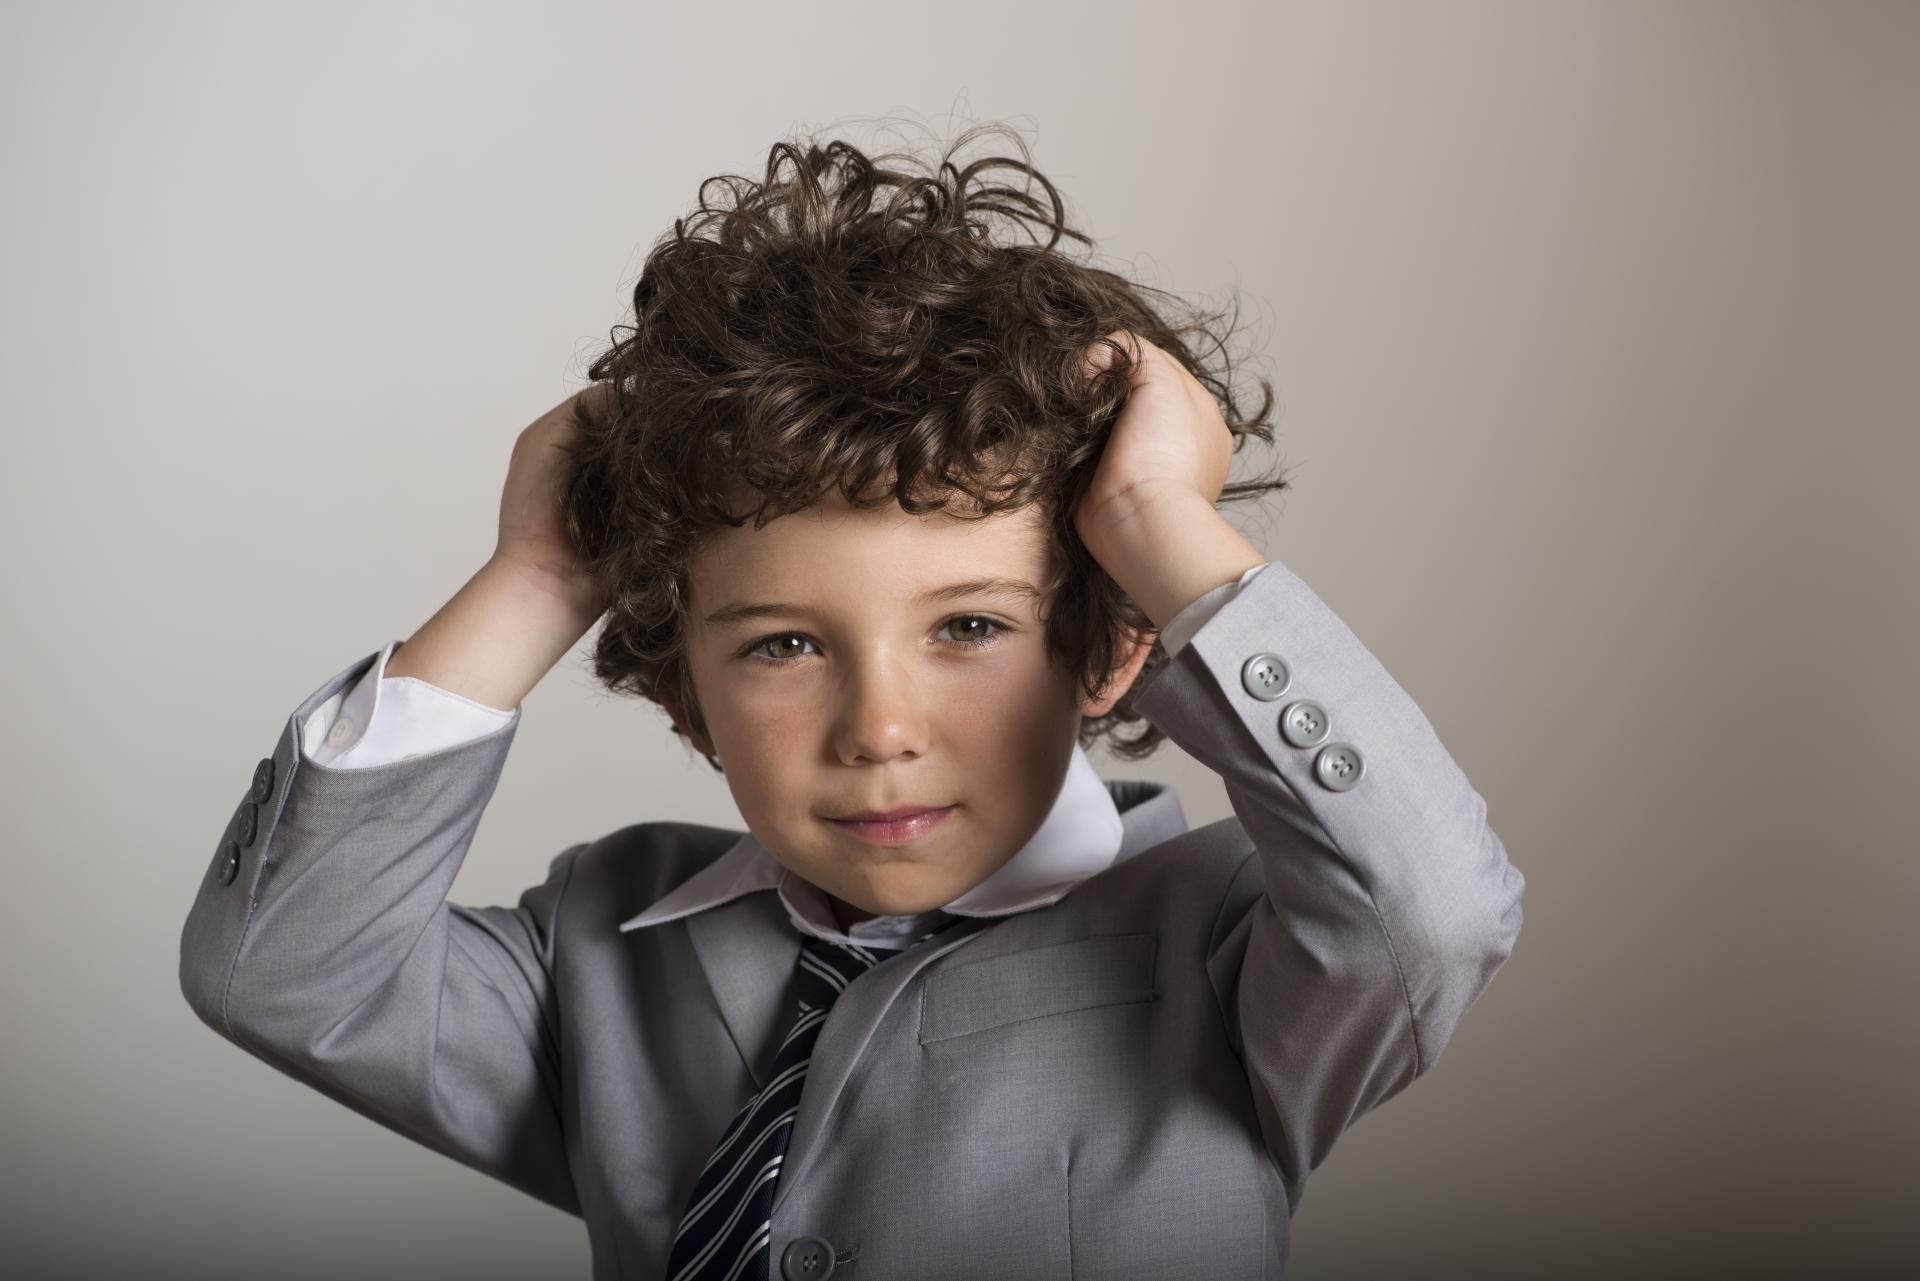 小学生の子供の髪の縮毛矯正はいつから?キッズ向けストレートパーマの費用・シャンプーなどまとめ